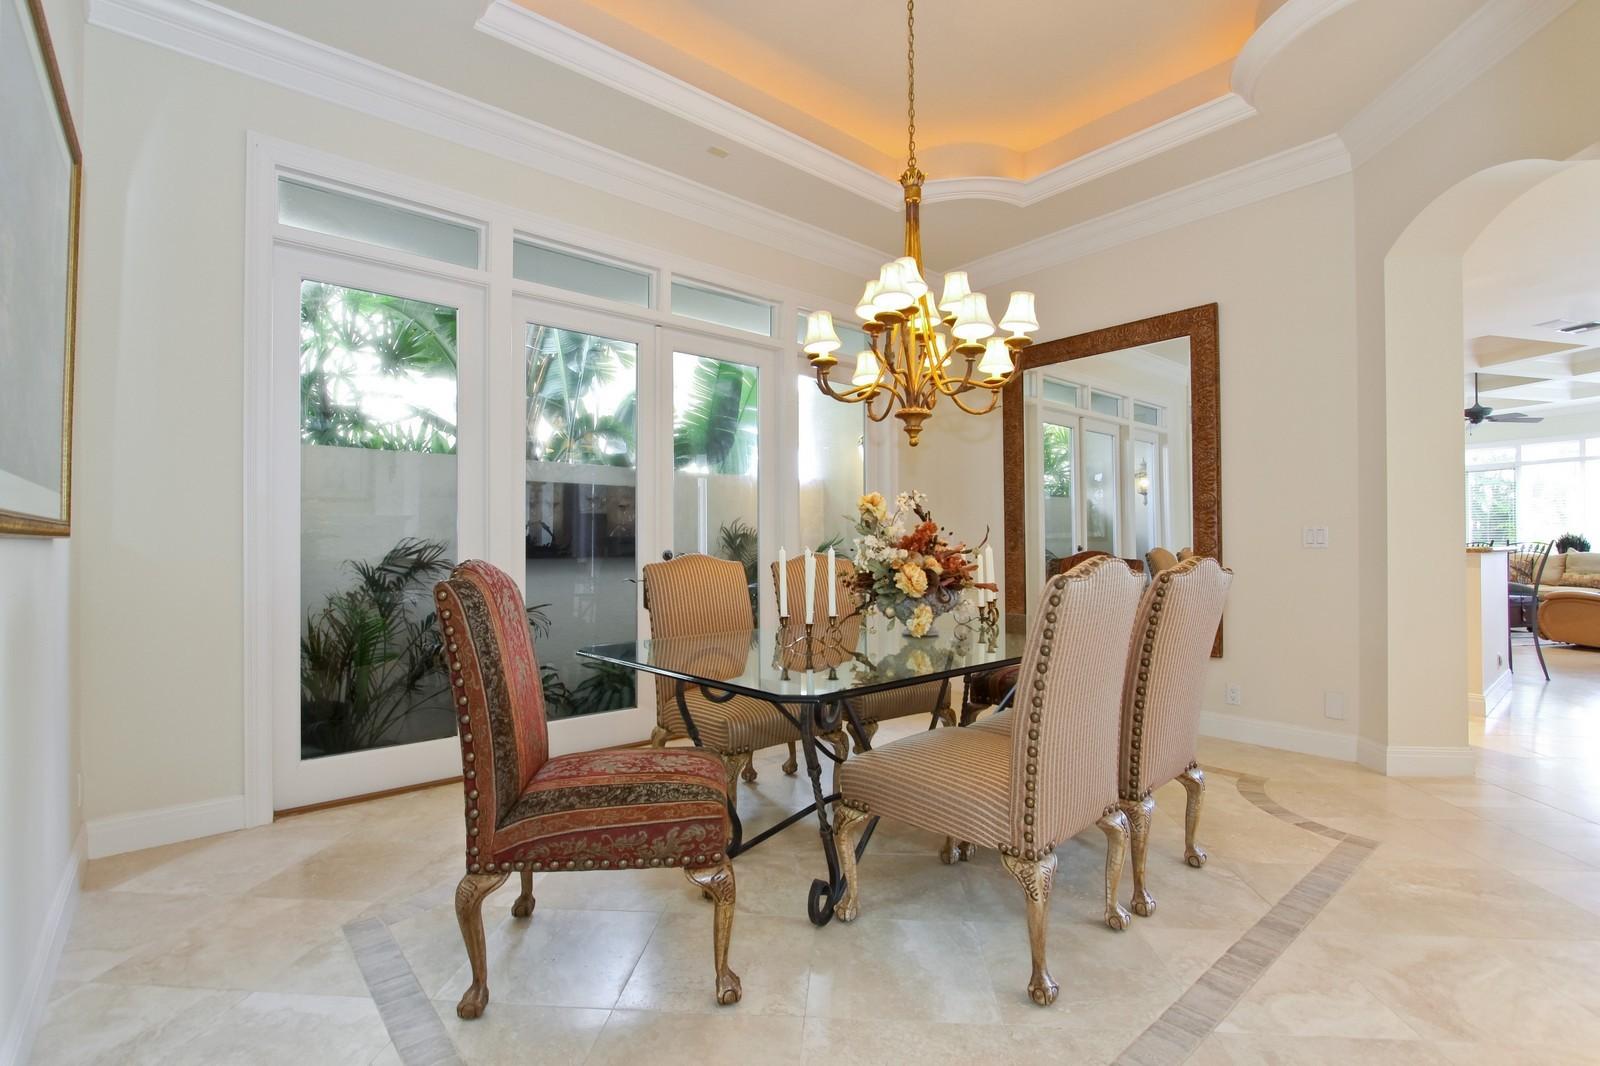 Real Estate Photography - 3527 Jonathans Harbour Dr, Jupiter, FL, 33477 - Dining Room